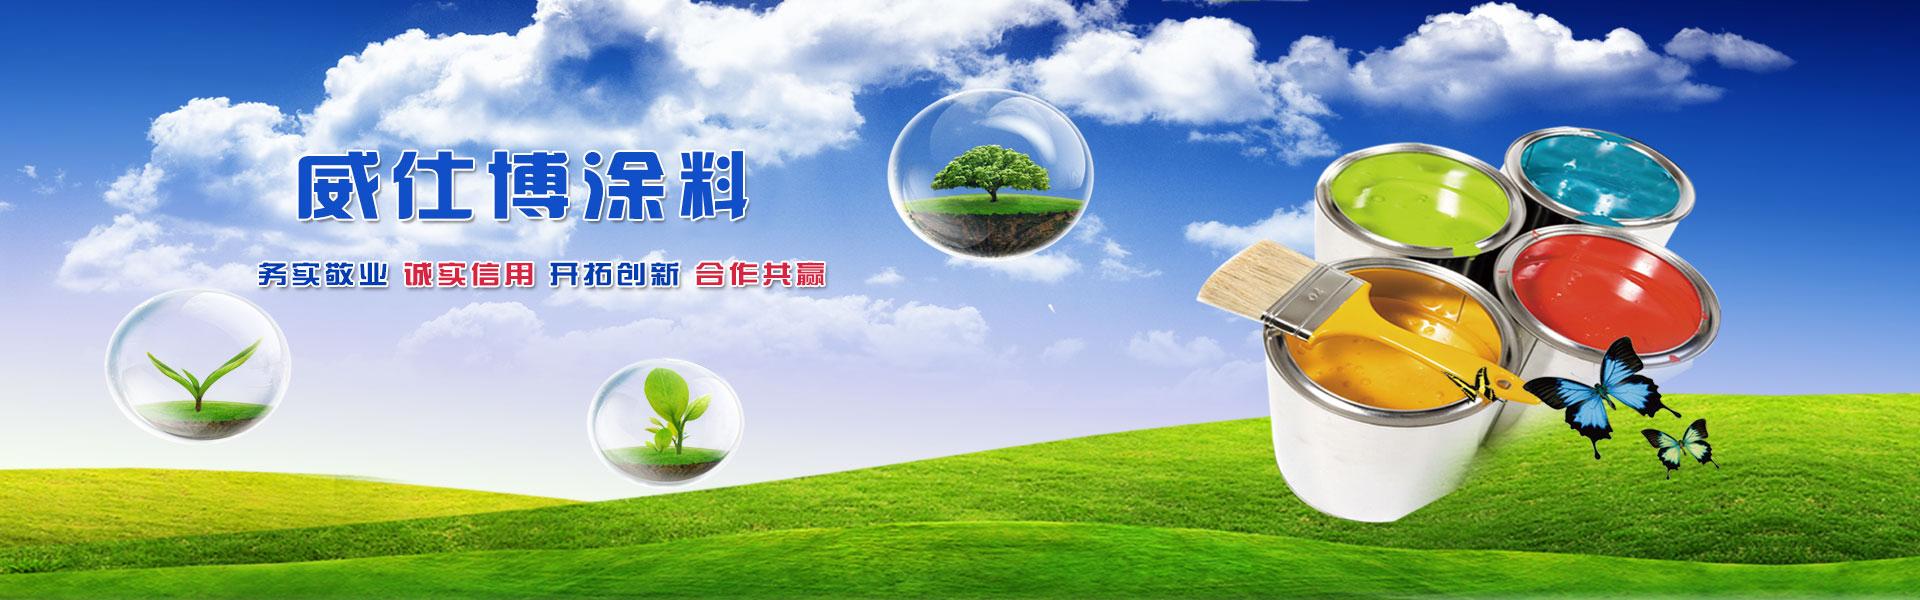 广西南宁威士伯涂料厂